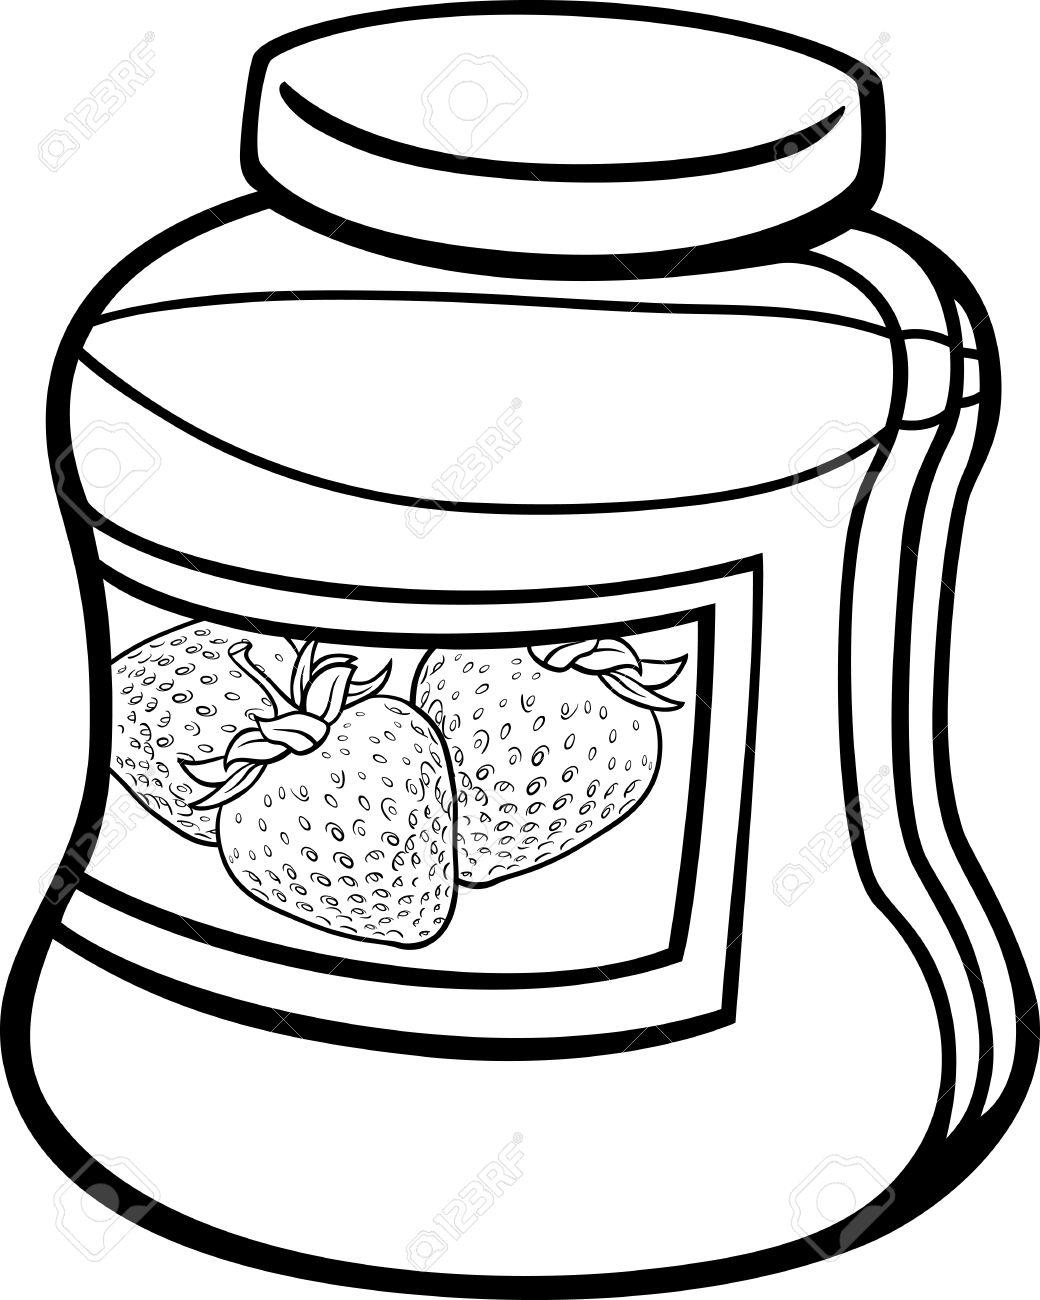 Blanco Y Negro De Dibujos Animados Ilustración De La Mermelada De Fresa En Un Tarro De Cristal Para Coloring Book